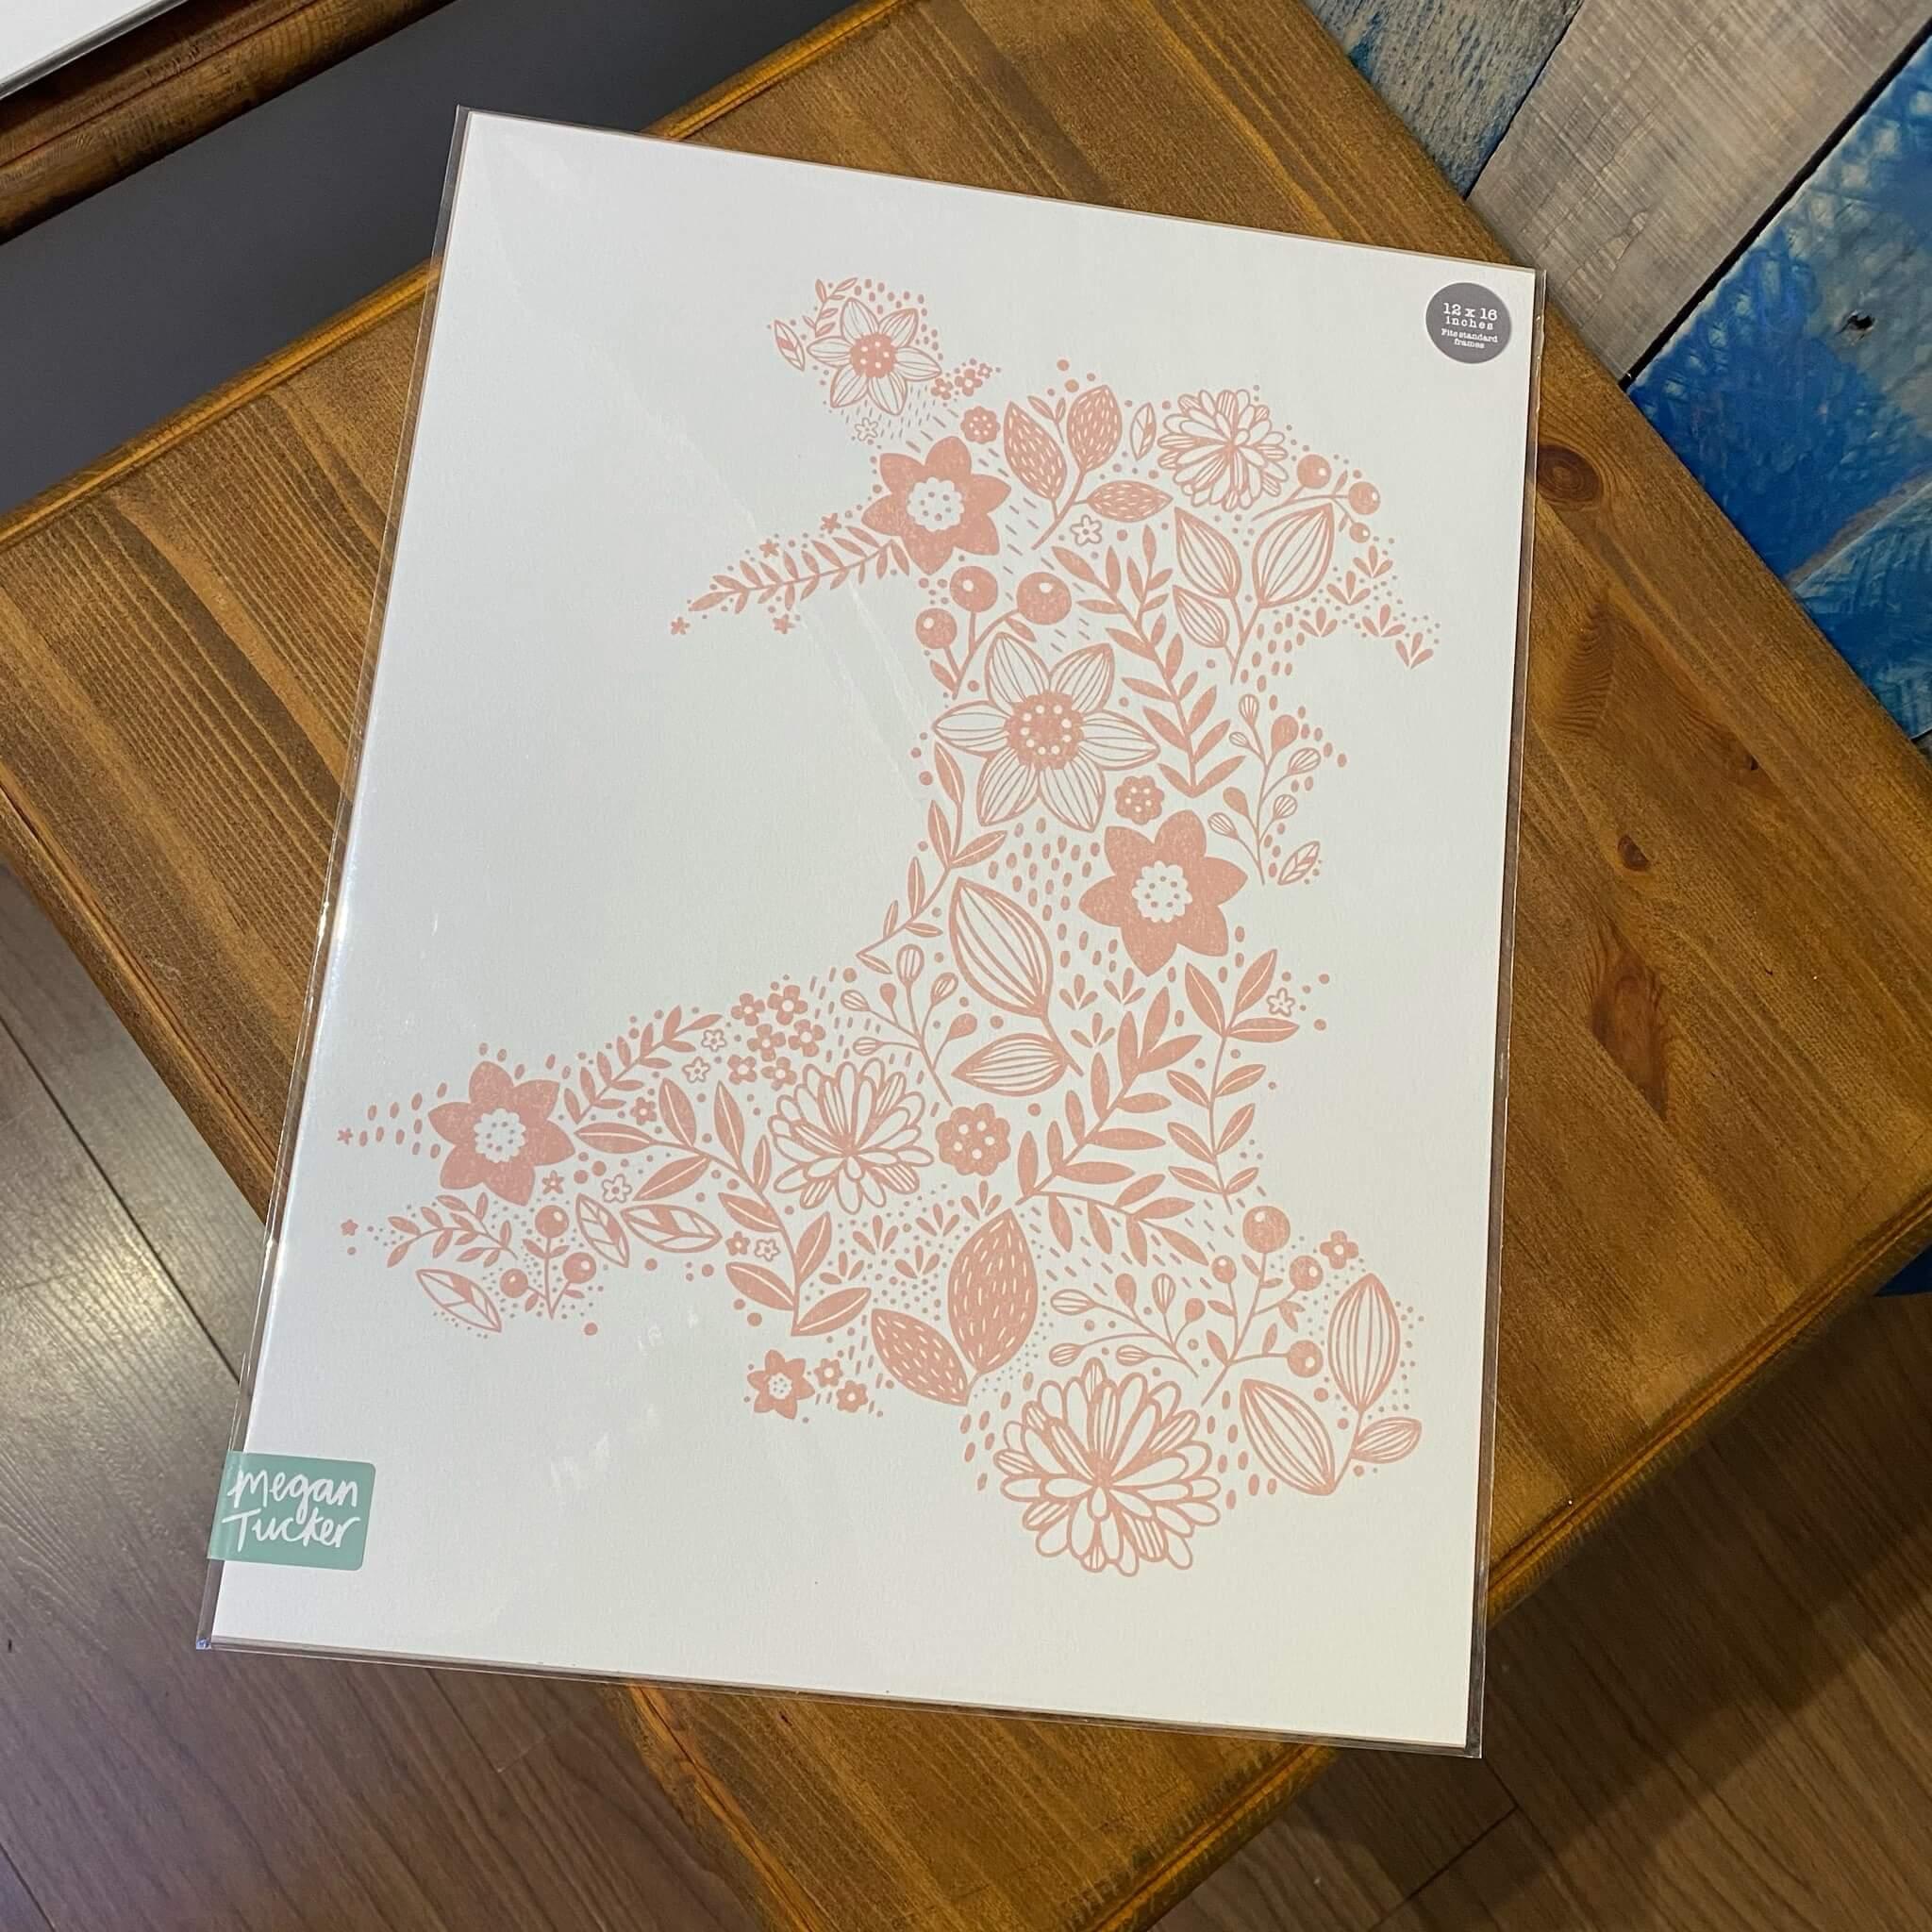 Wales in Bloom Print